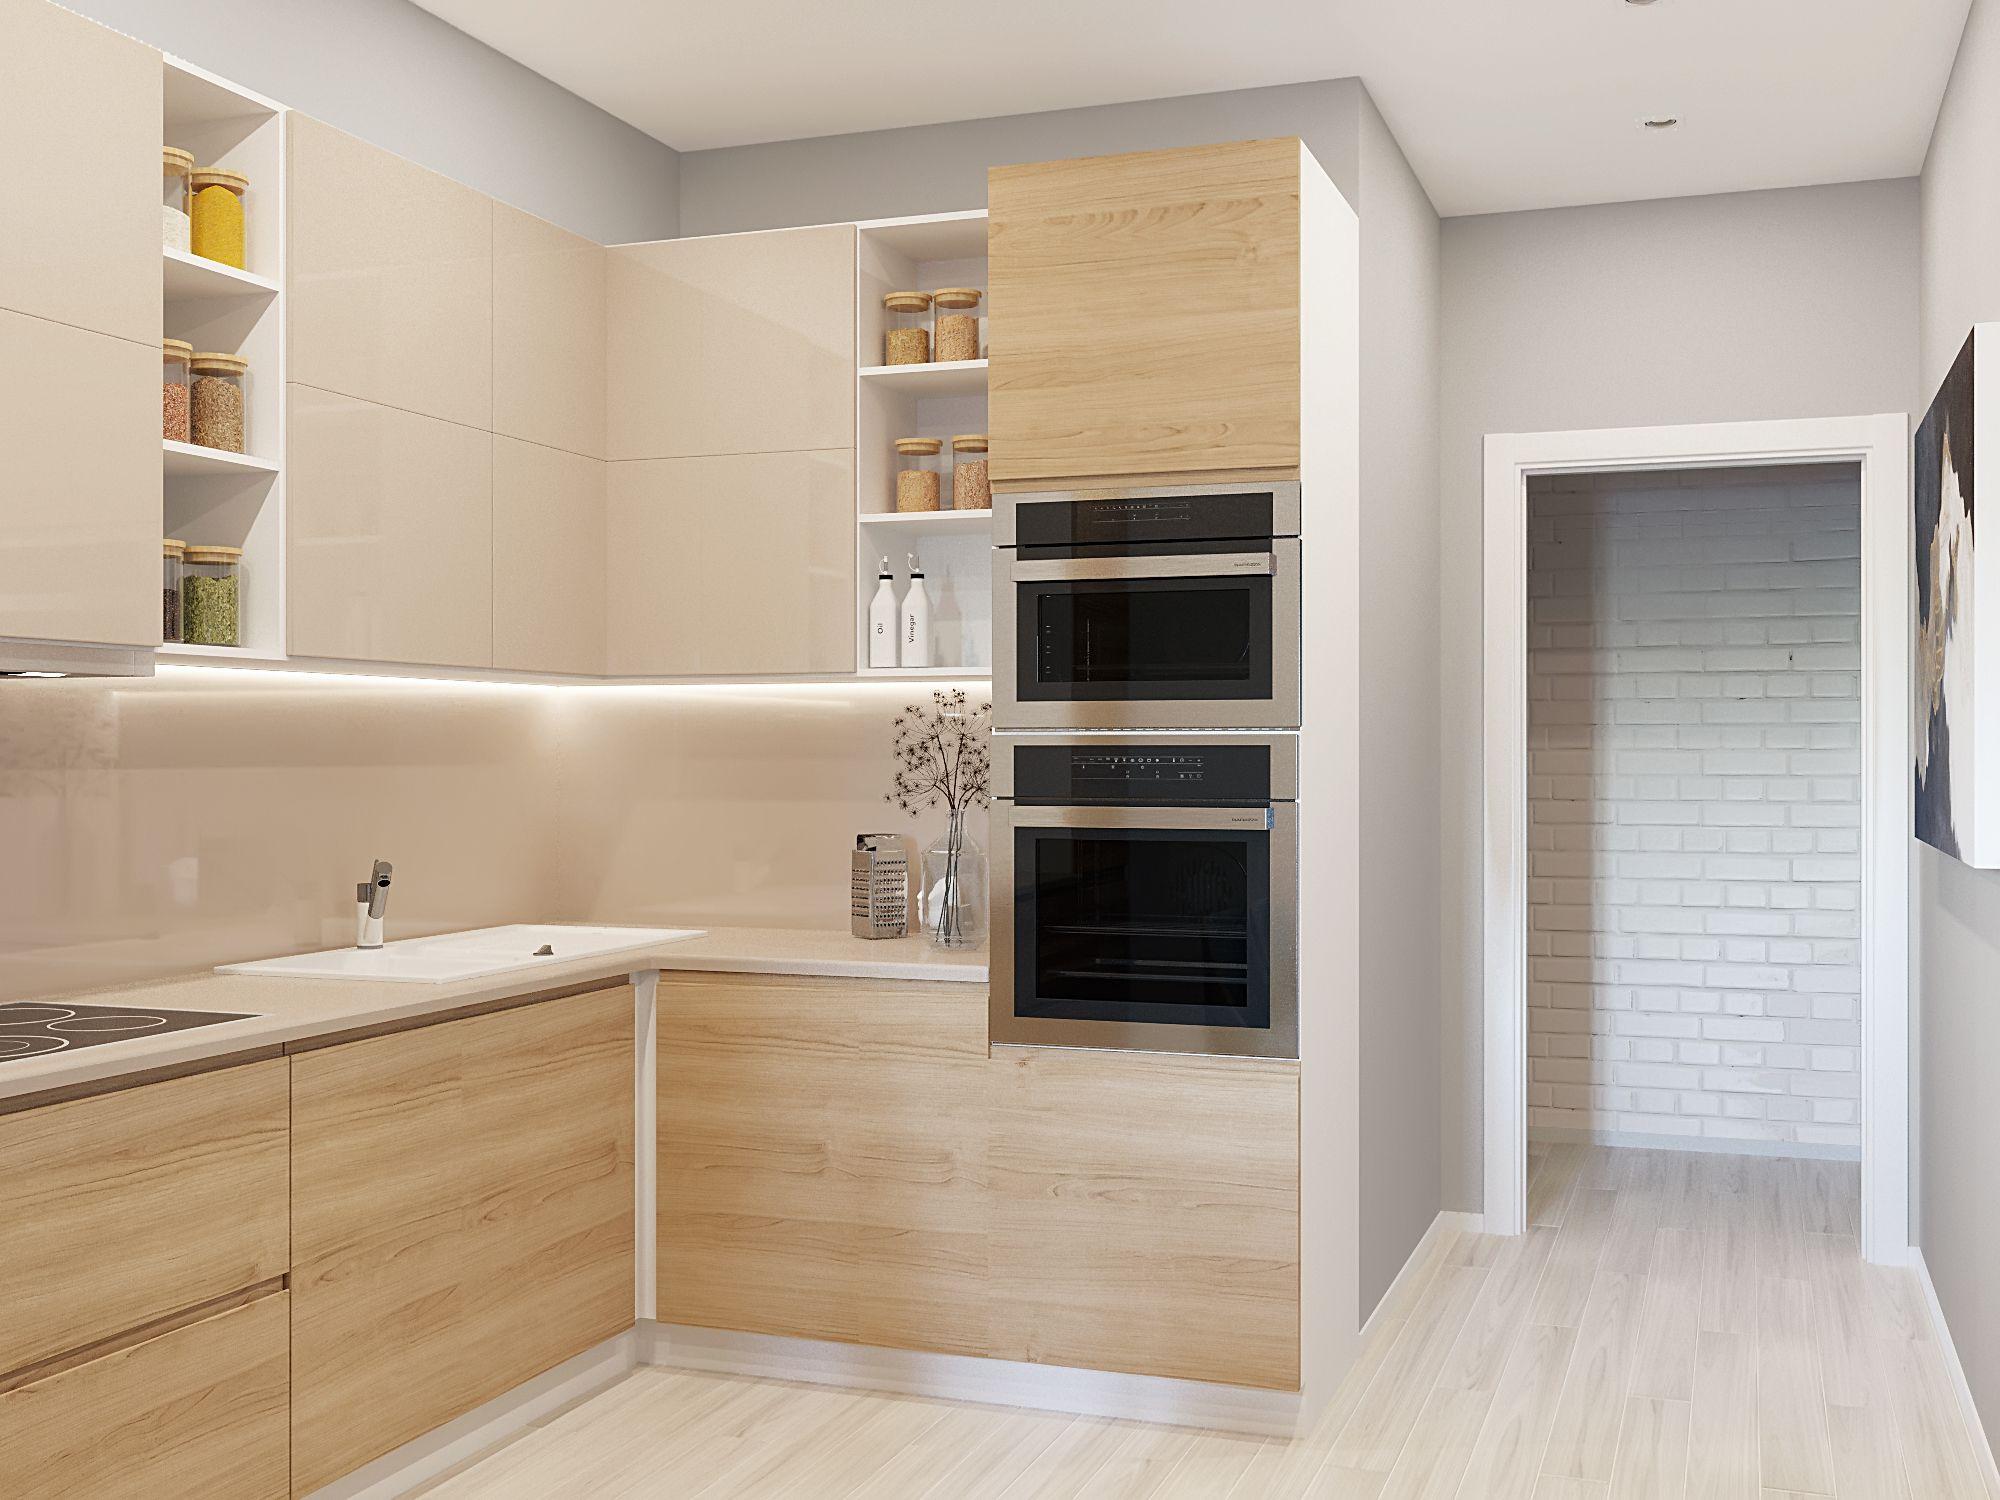 угловые кухни с высокими напольными шкафами фото бойлере нагревается, расширяется